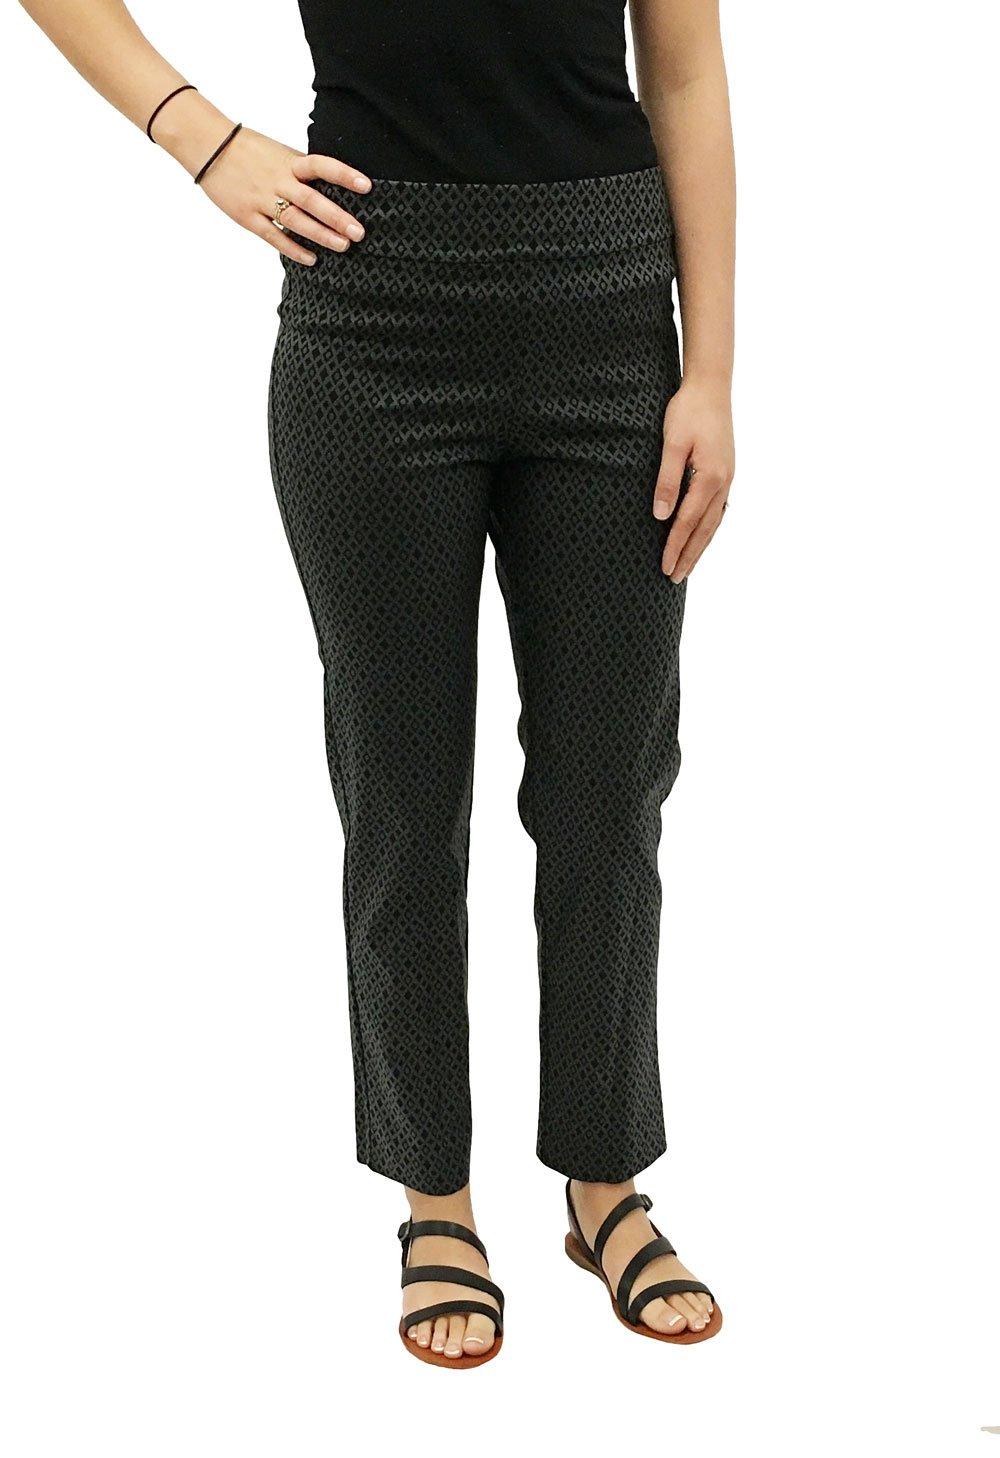 KrazyラリーレディースPull On Ankle Pants B074LC9WVM 16|black foil black foil 16